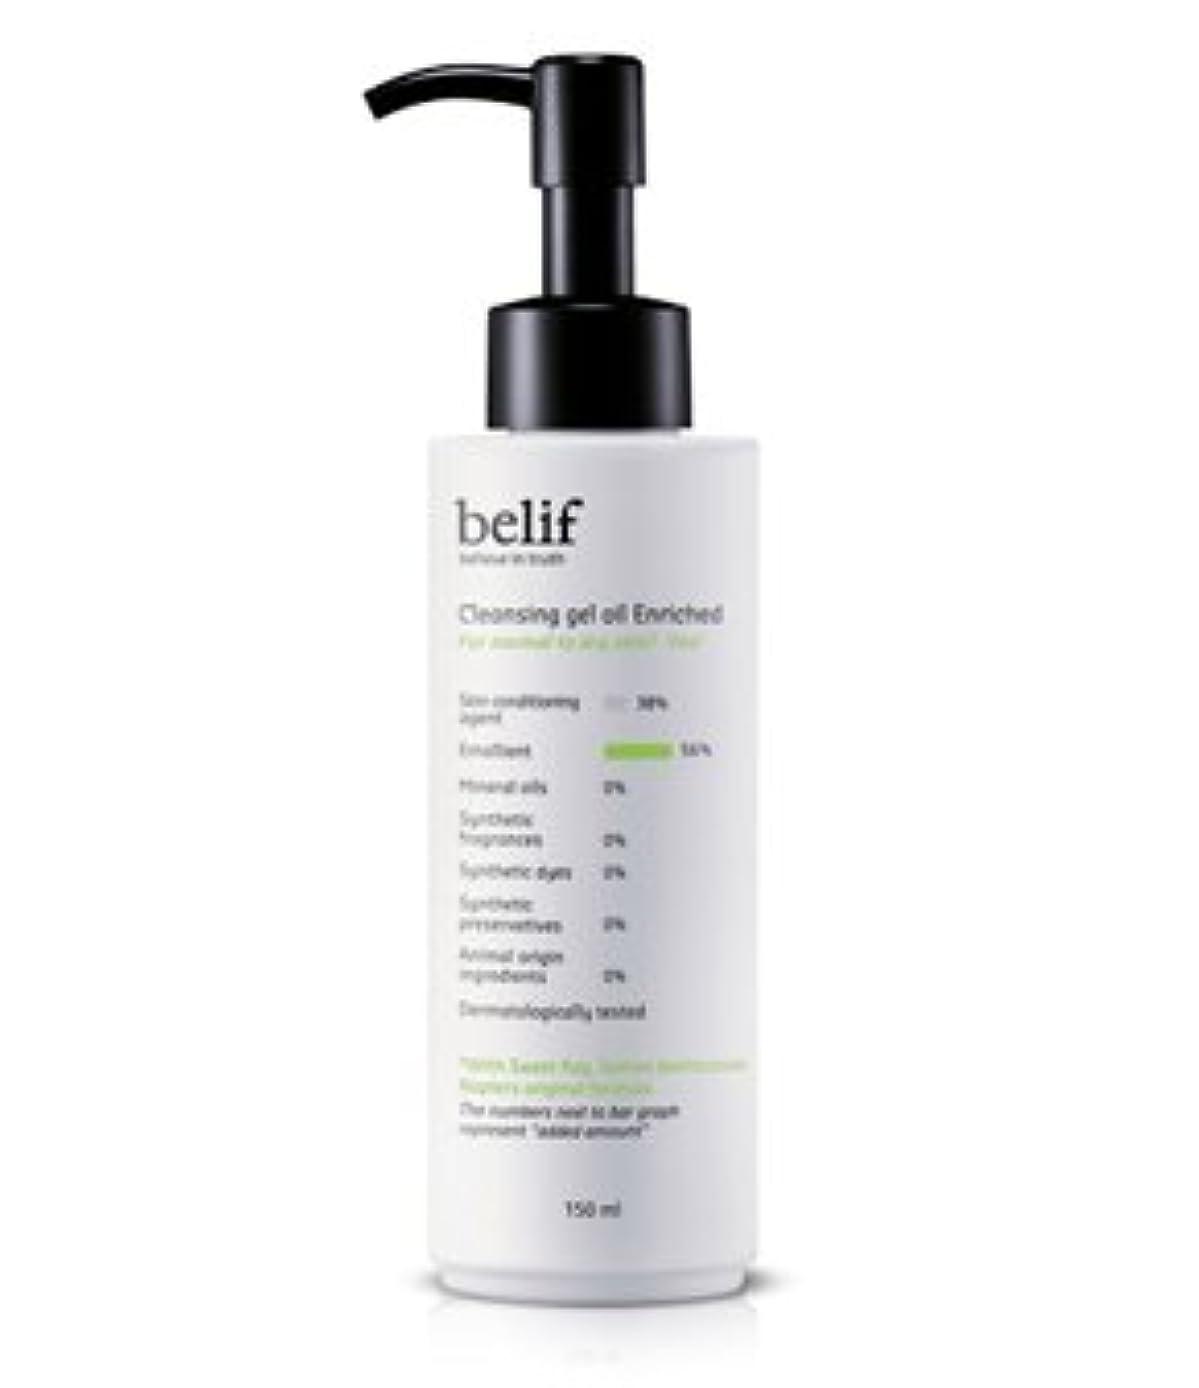 確認意図belf(ビリフ)クレンジング ジェル オイル エンリチッド(Cleansing gel oil Enriched)150ml